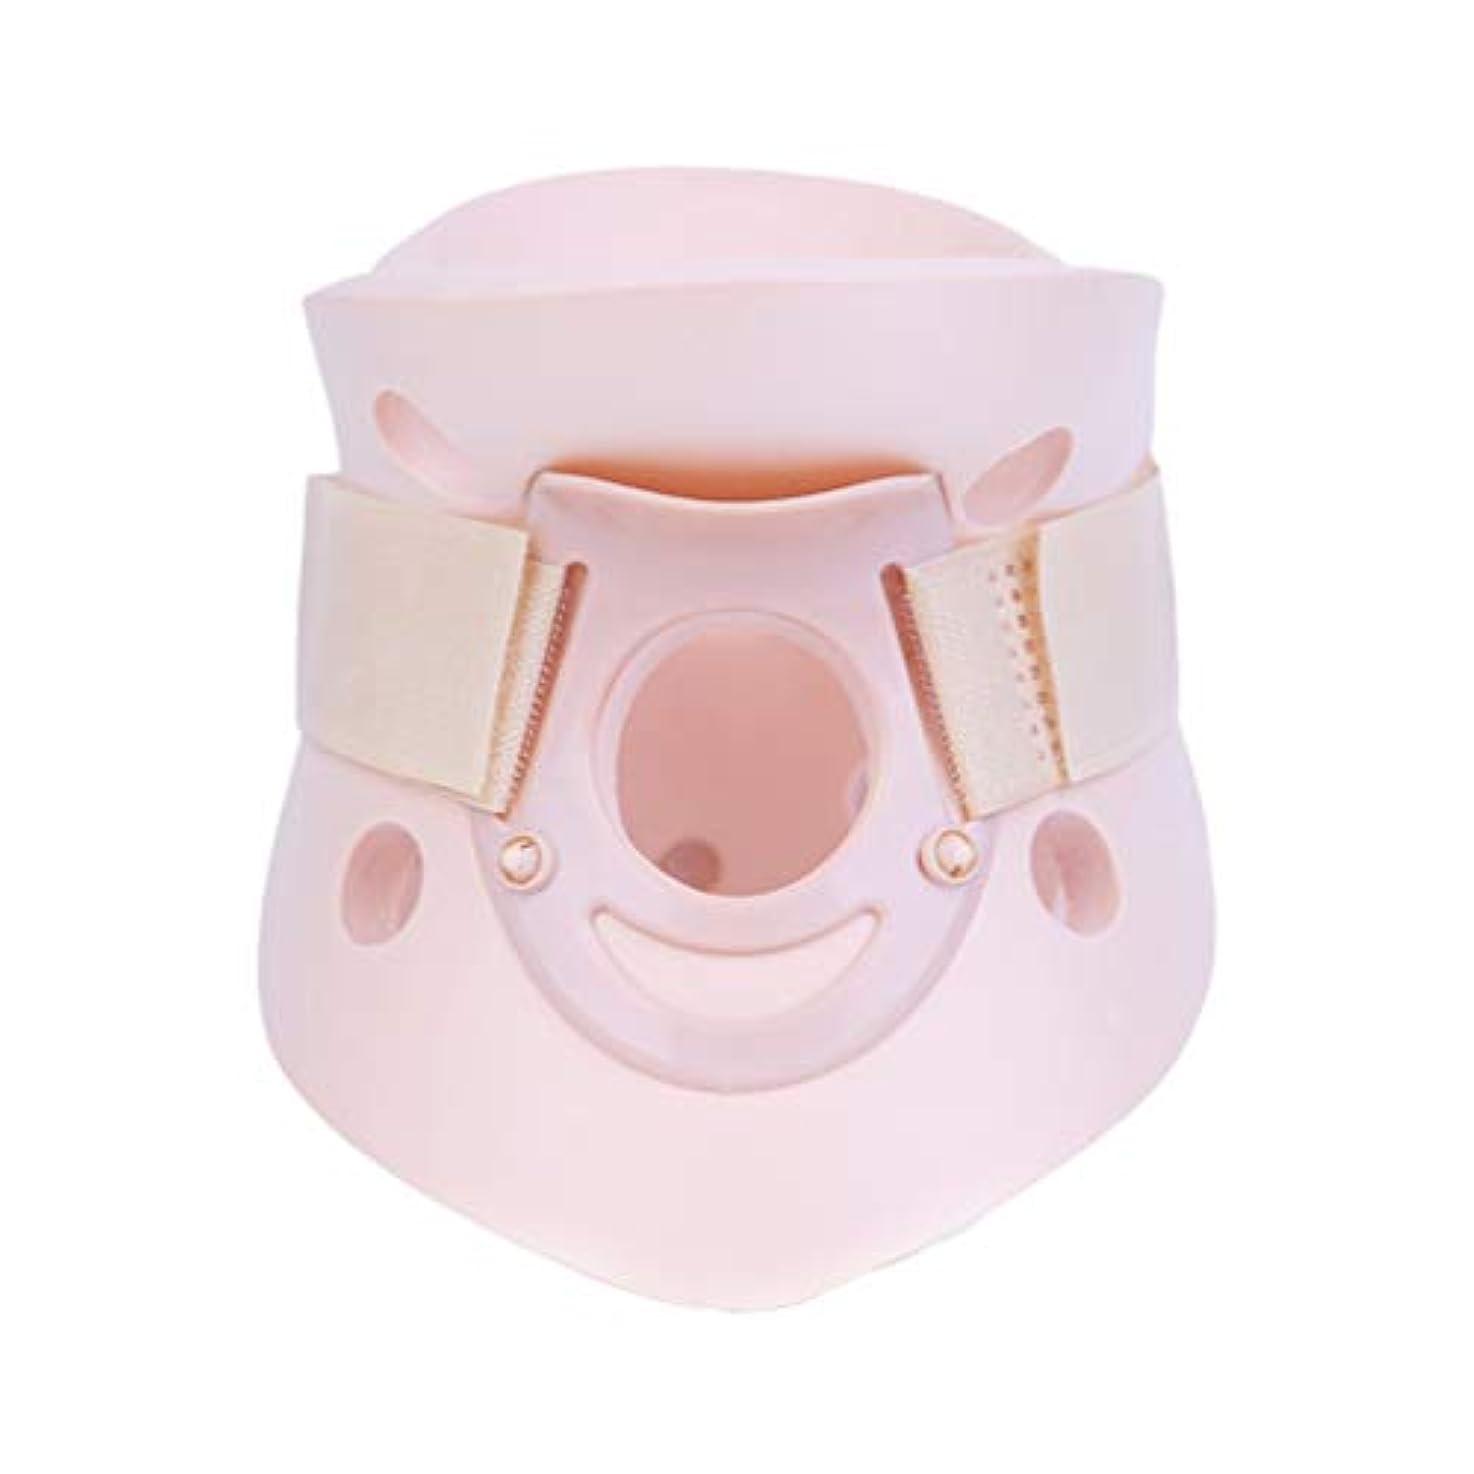 遠足睡眠理容師HEALLILY 首装具サポート頸部襟硬い首の痛みの軽減脊椎の首の健康管理首の痛みの軽減-サイズm